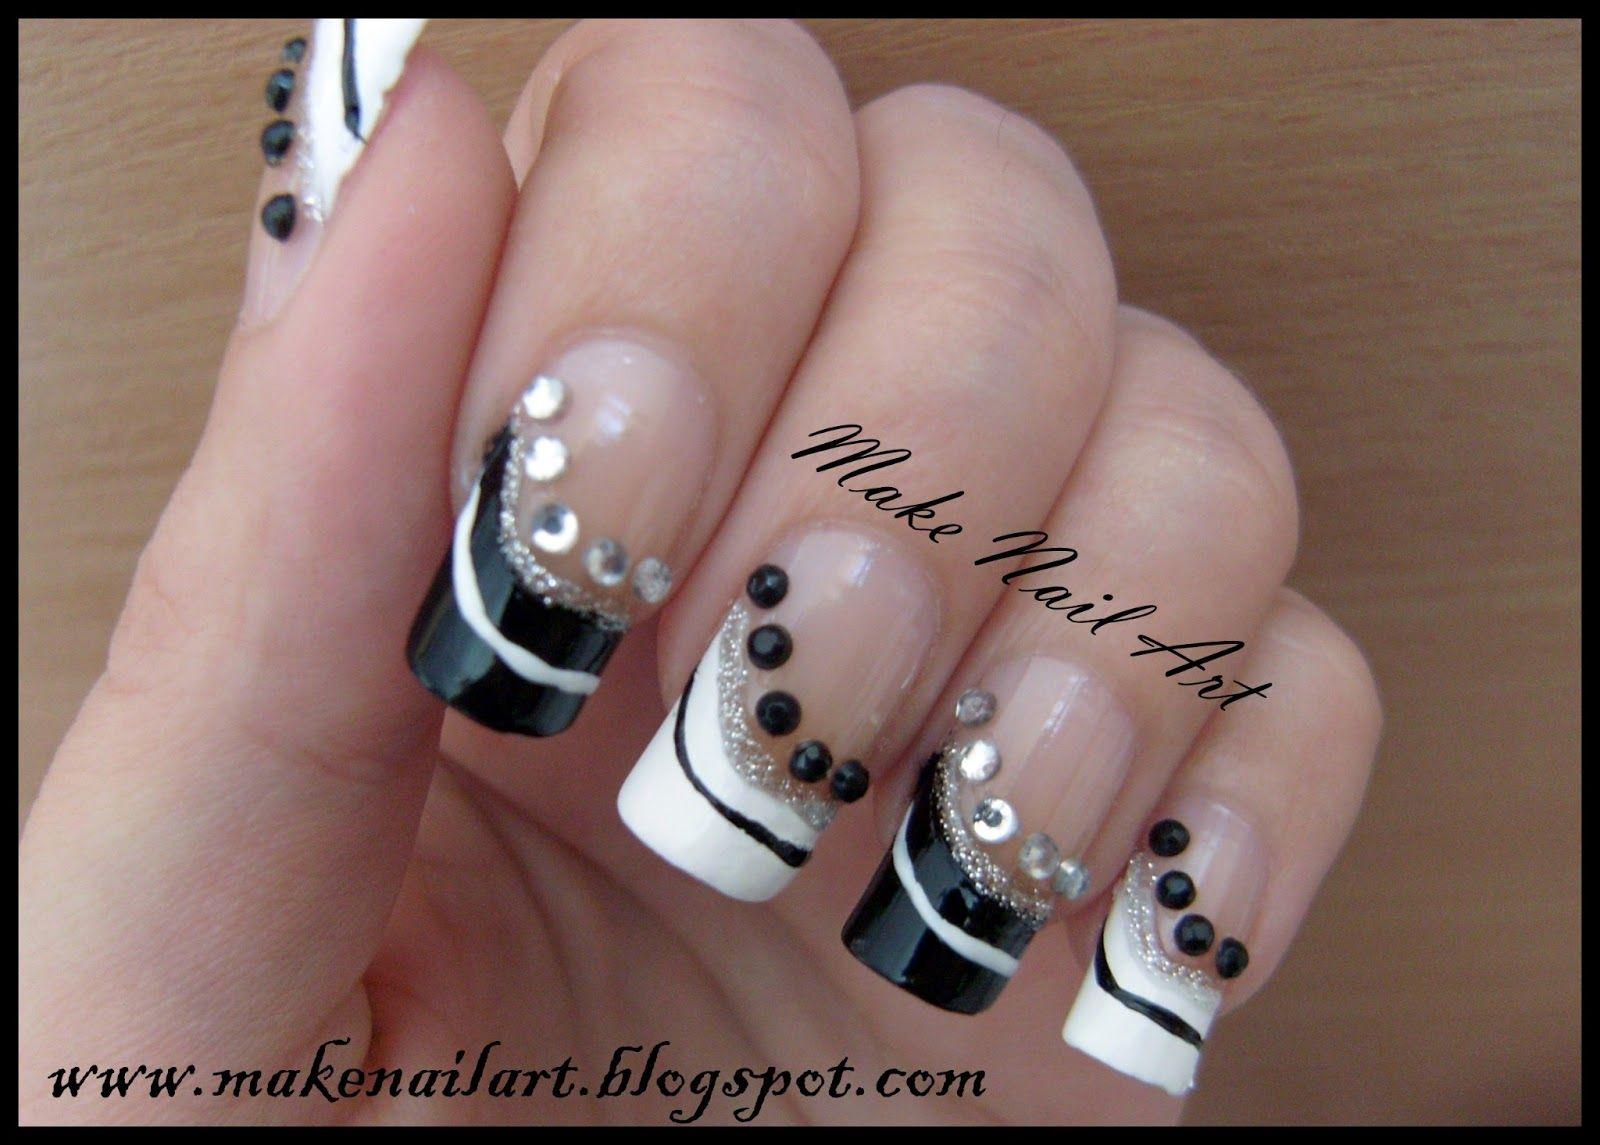 Make Nail Art: Black And White Prom Nails Nail Art Tutorial | Nails ...